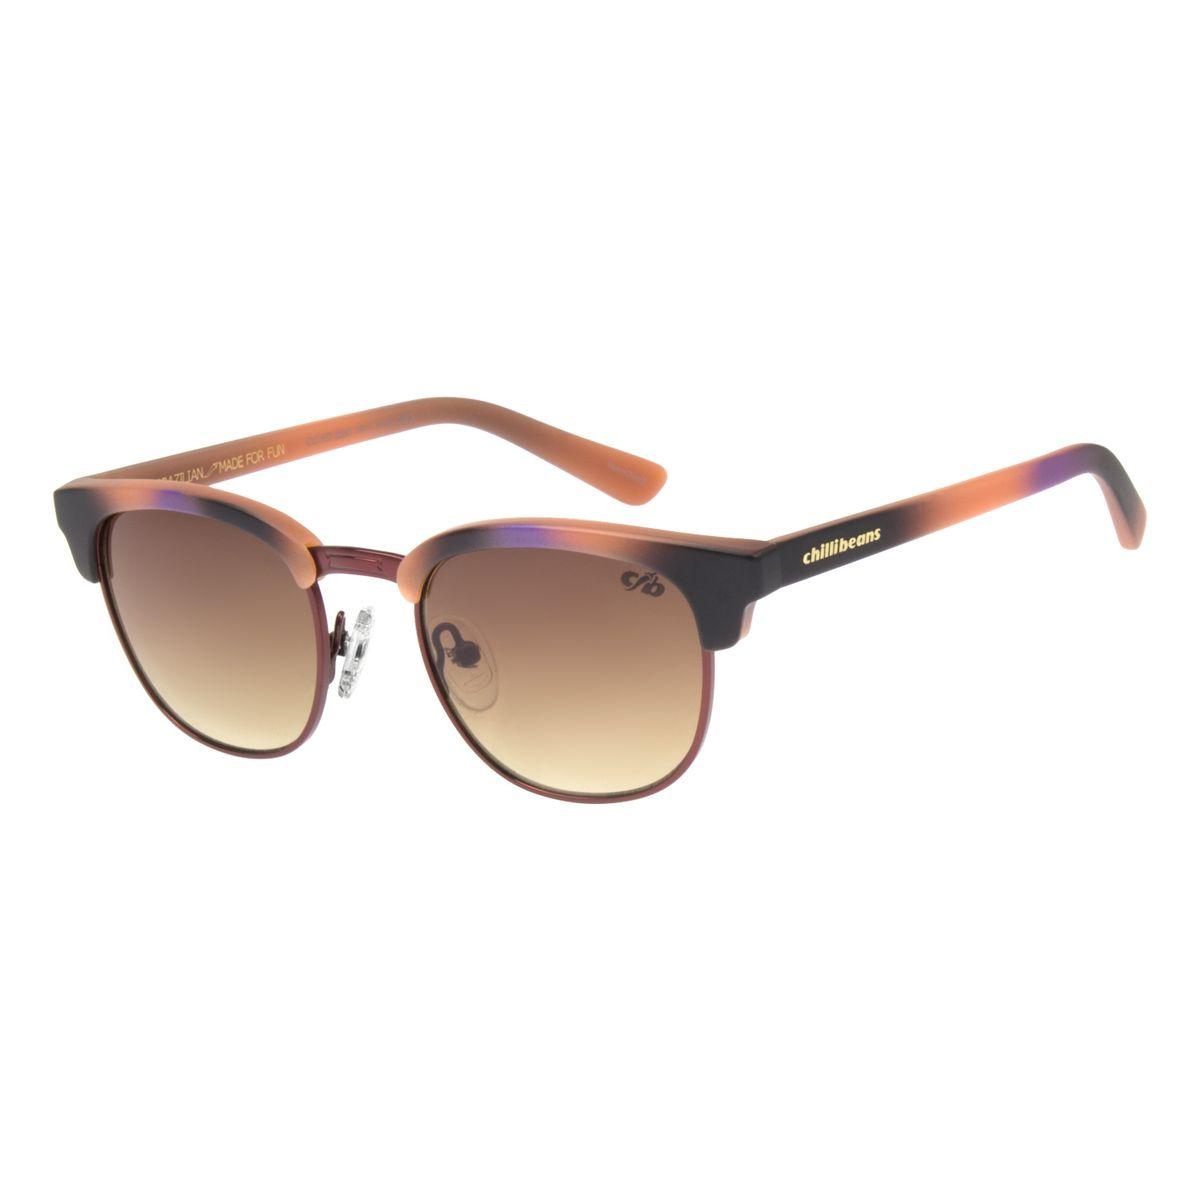 f5eee2e2c Óculos de Sol Infantil Chilli Beans Vinho 0550 - Chilli Beans